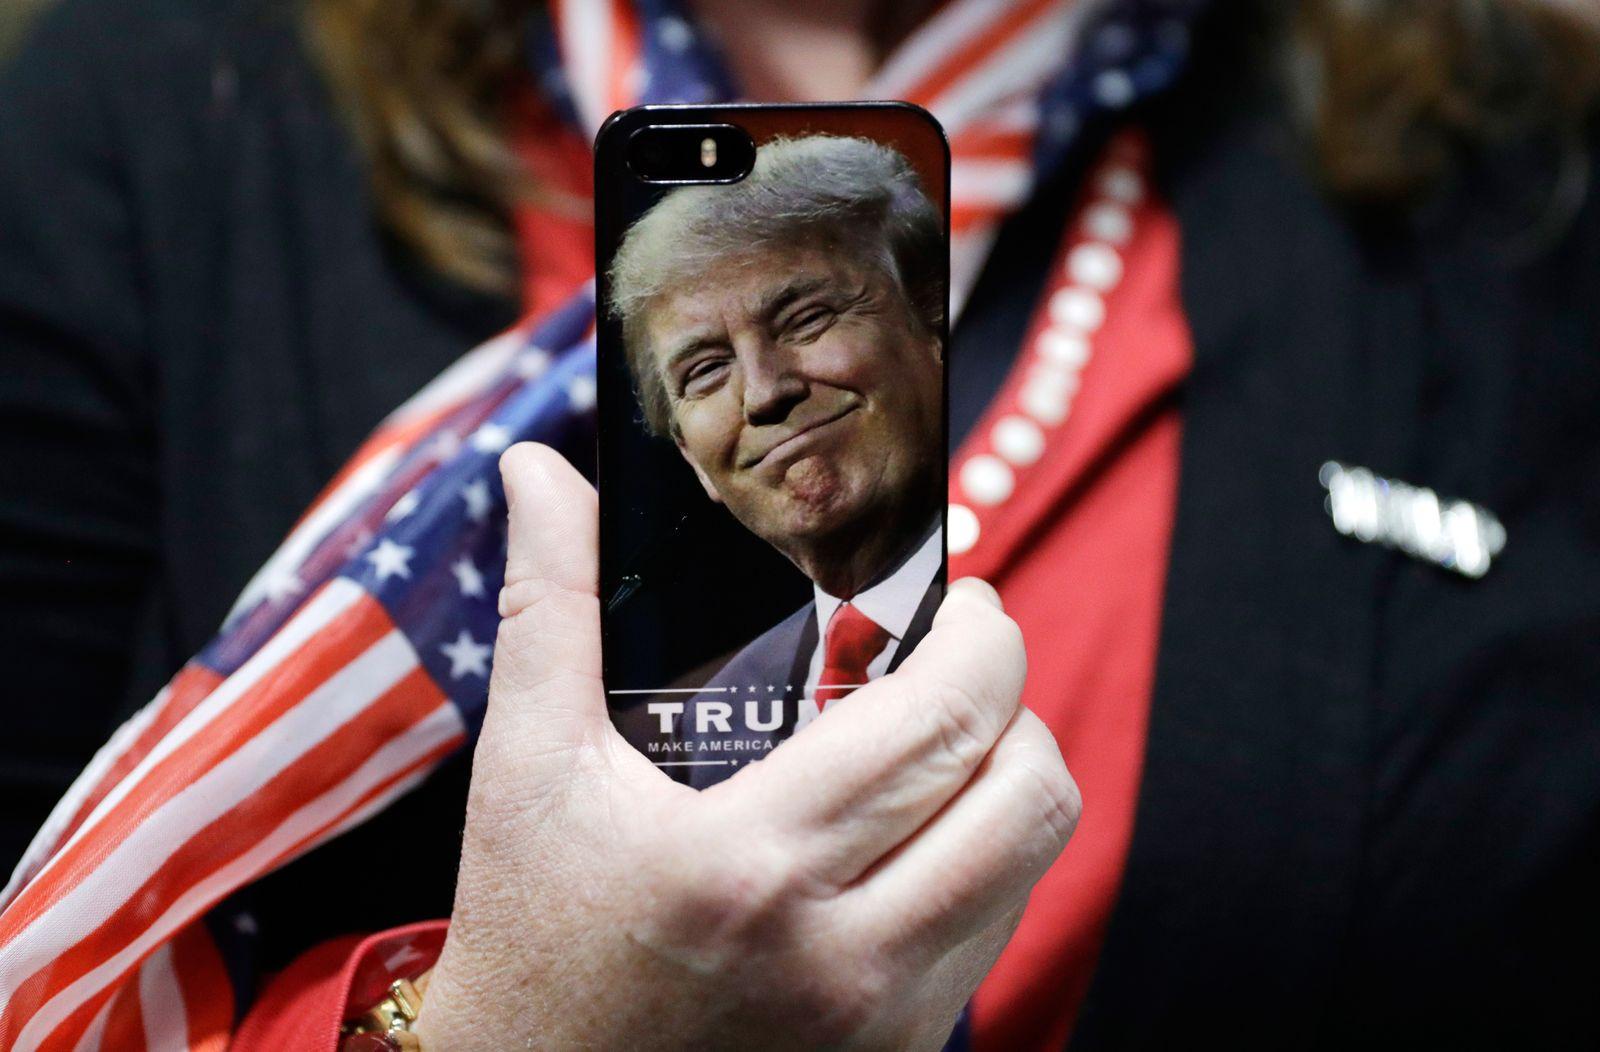 Campaign 2016 Donald Trump/ Smartphone